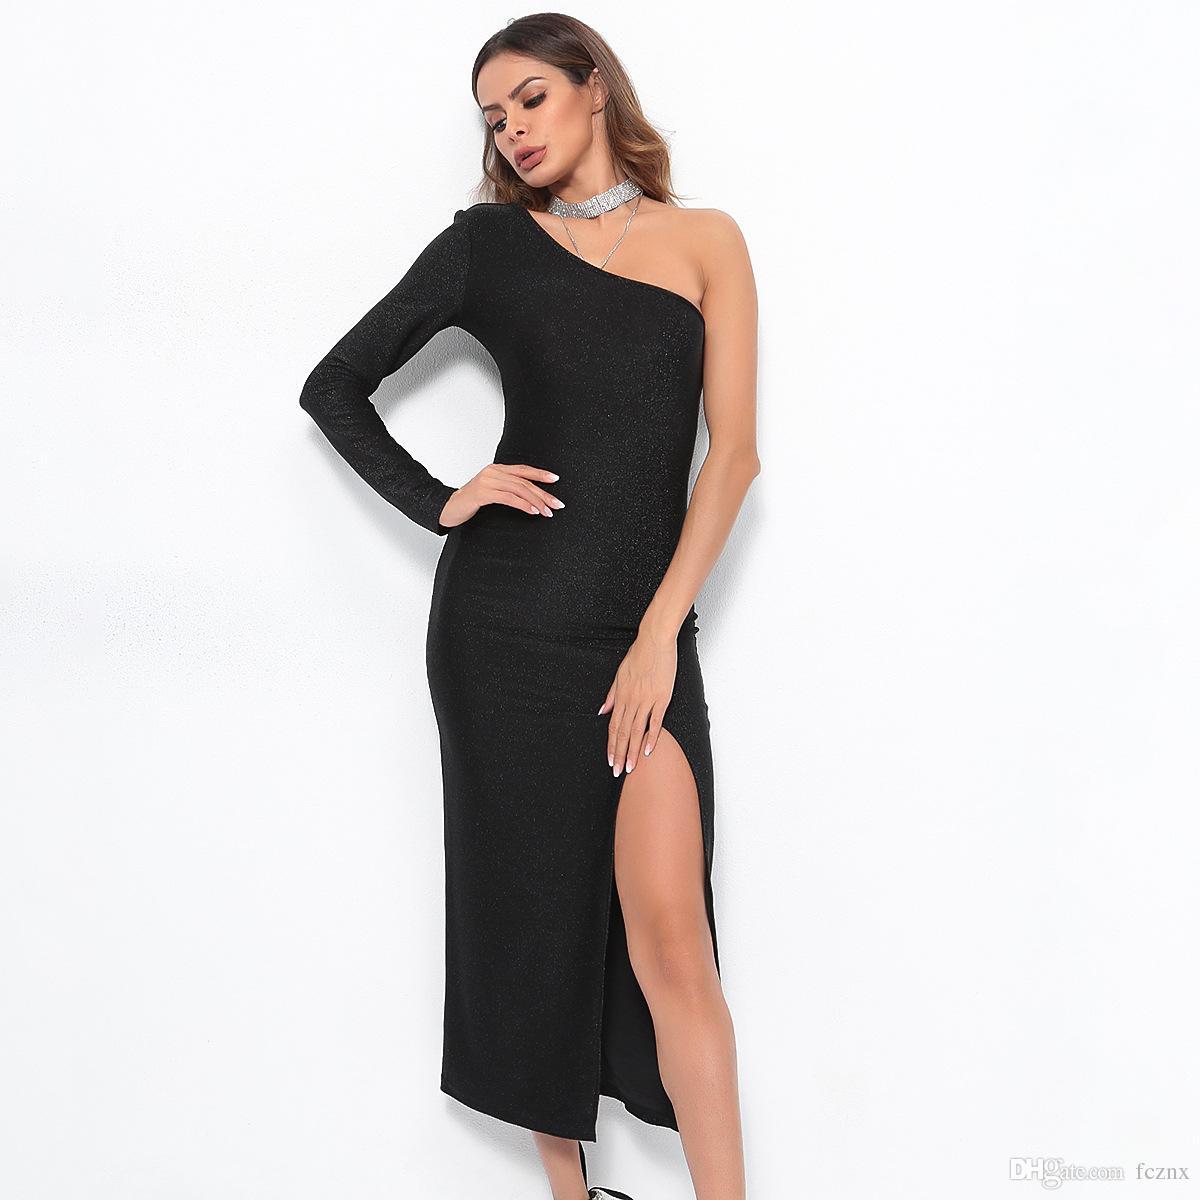 53238b7c5 Compre 2019 Ropa De Mujer De Manga Larga De Un Hombro Dividido Sólido  Brillante Bodycon Vestido Mujer Sexy Moda Delgado Midi Vestidos De Fiesta  D6021 A ...